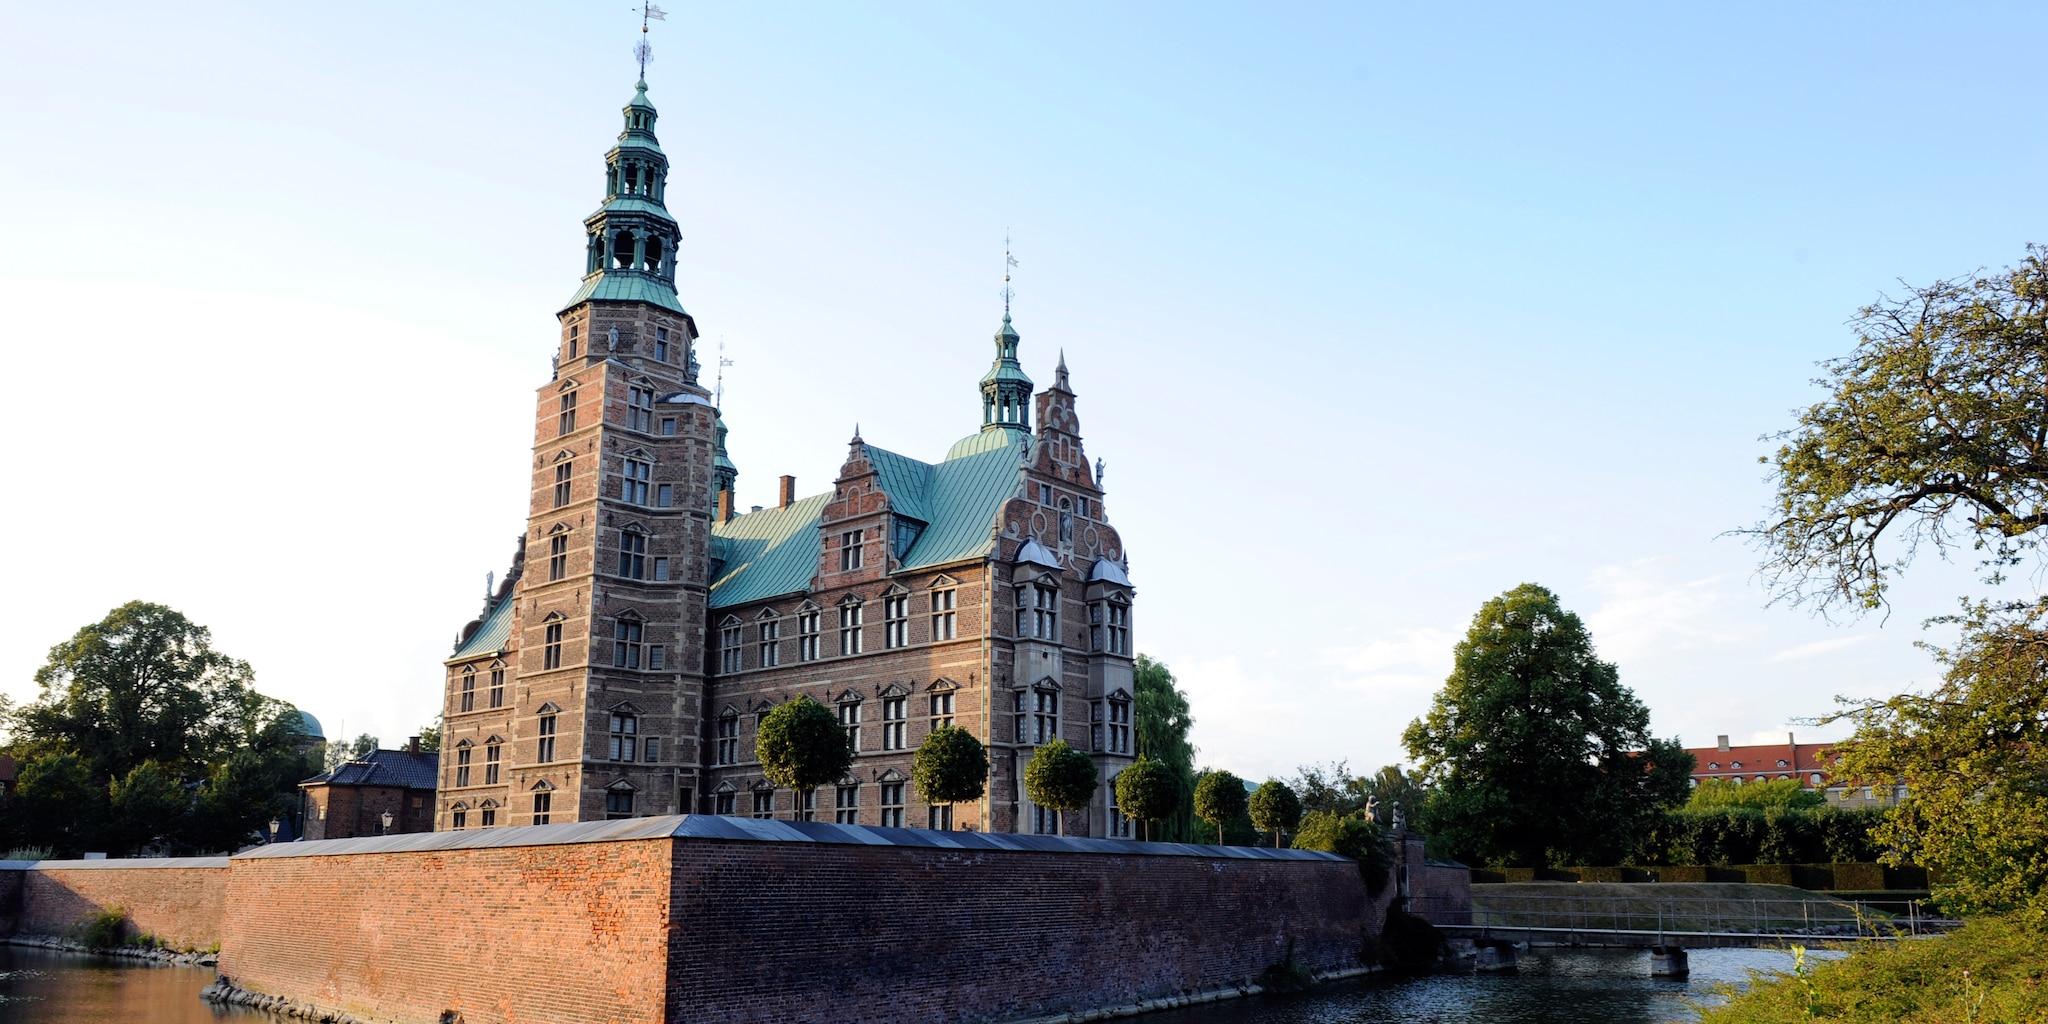 Denmark's Frederiksborg Castle